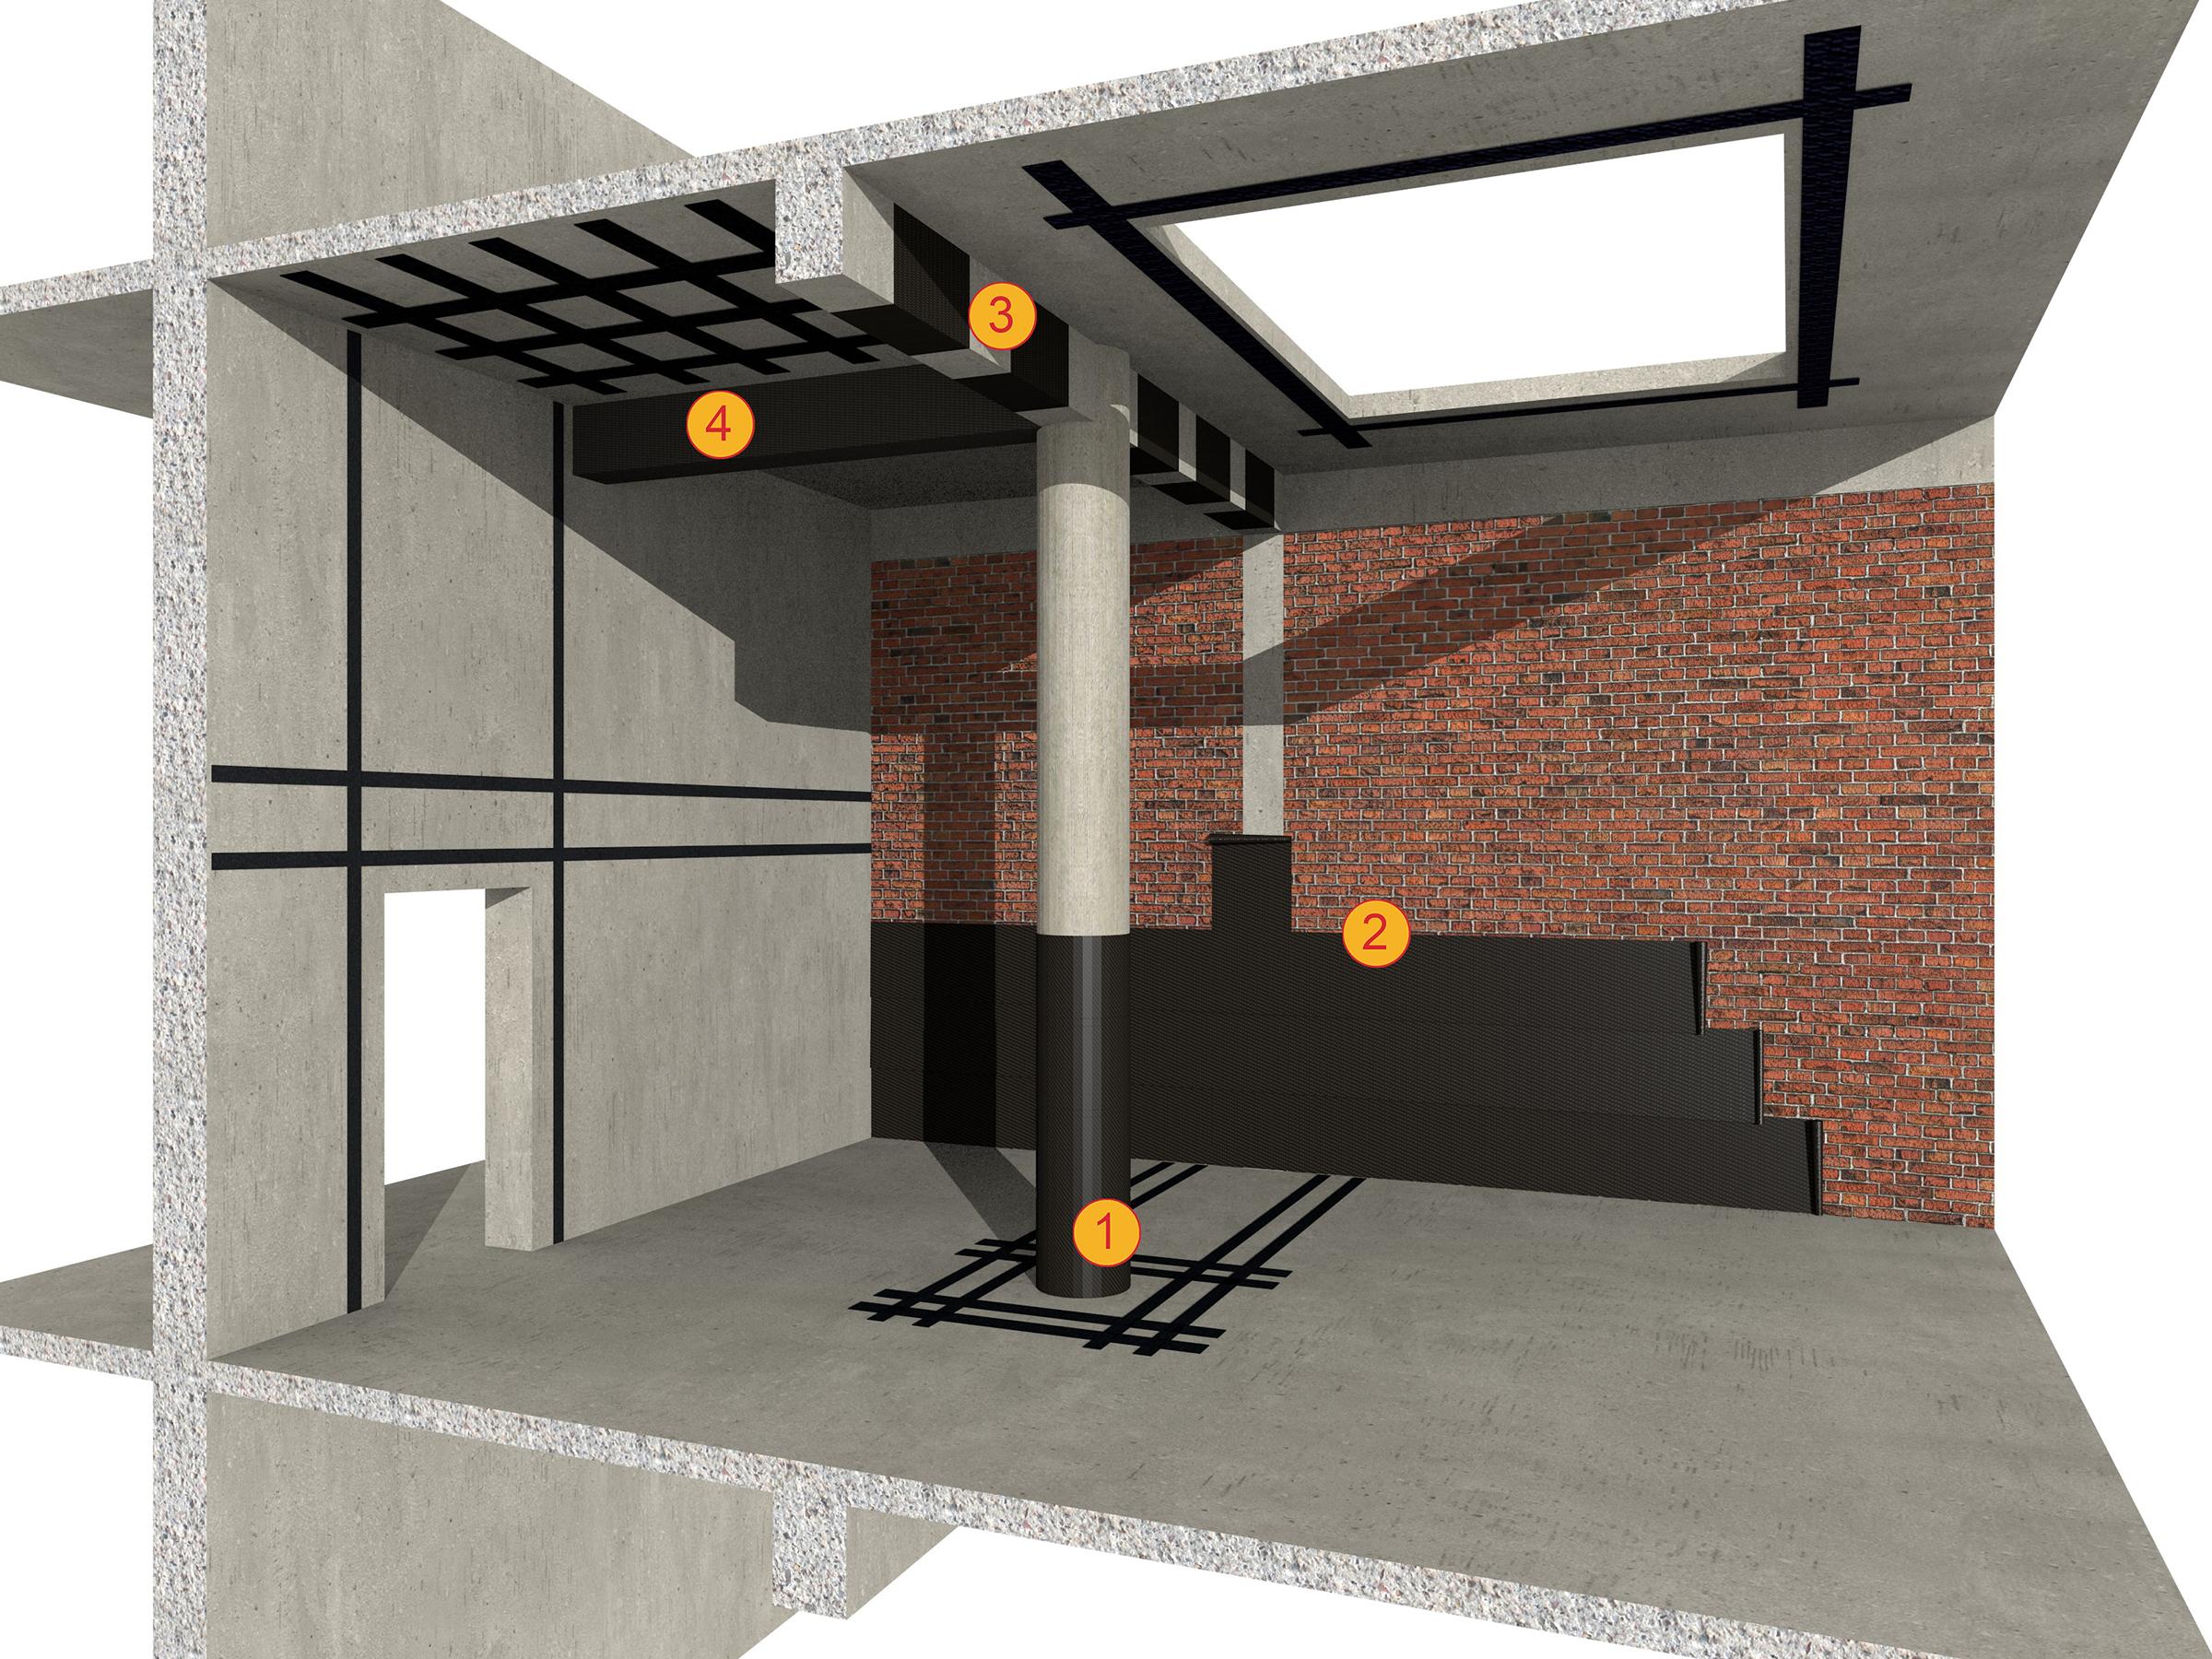 Consolidarea structurilor din beton si zidarie cu tesaturi din fibra de carbon SikaWrap - Consolidari structurale cu materiale compozite Sika CarboDur si SikaWrap